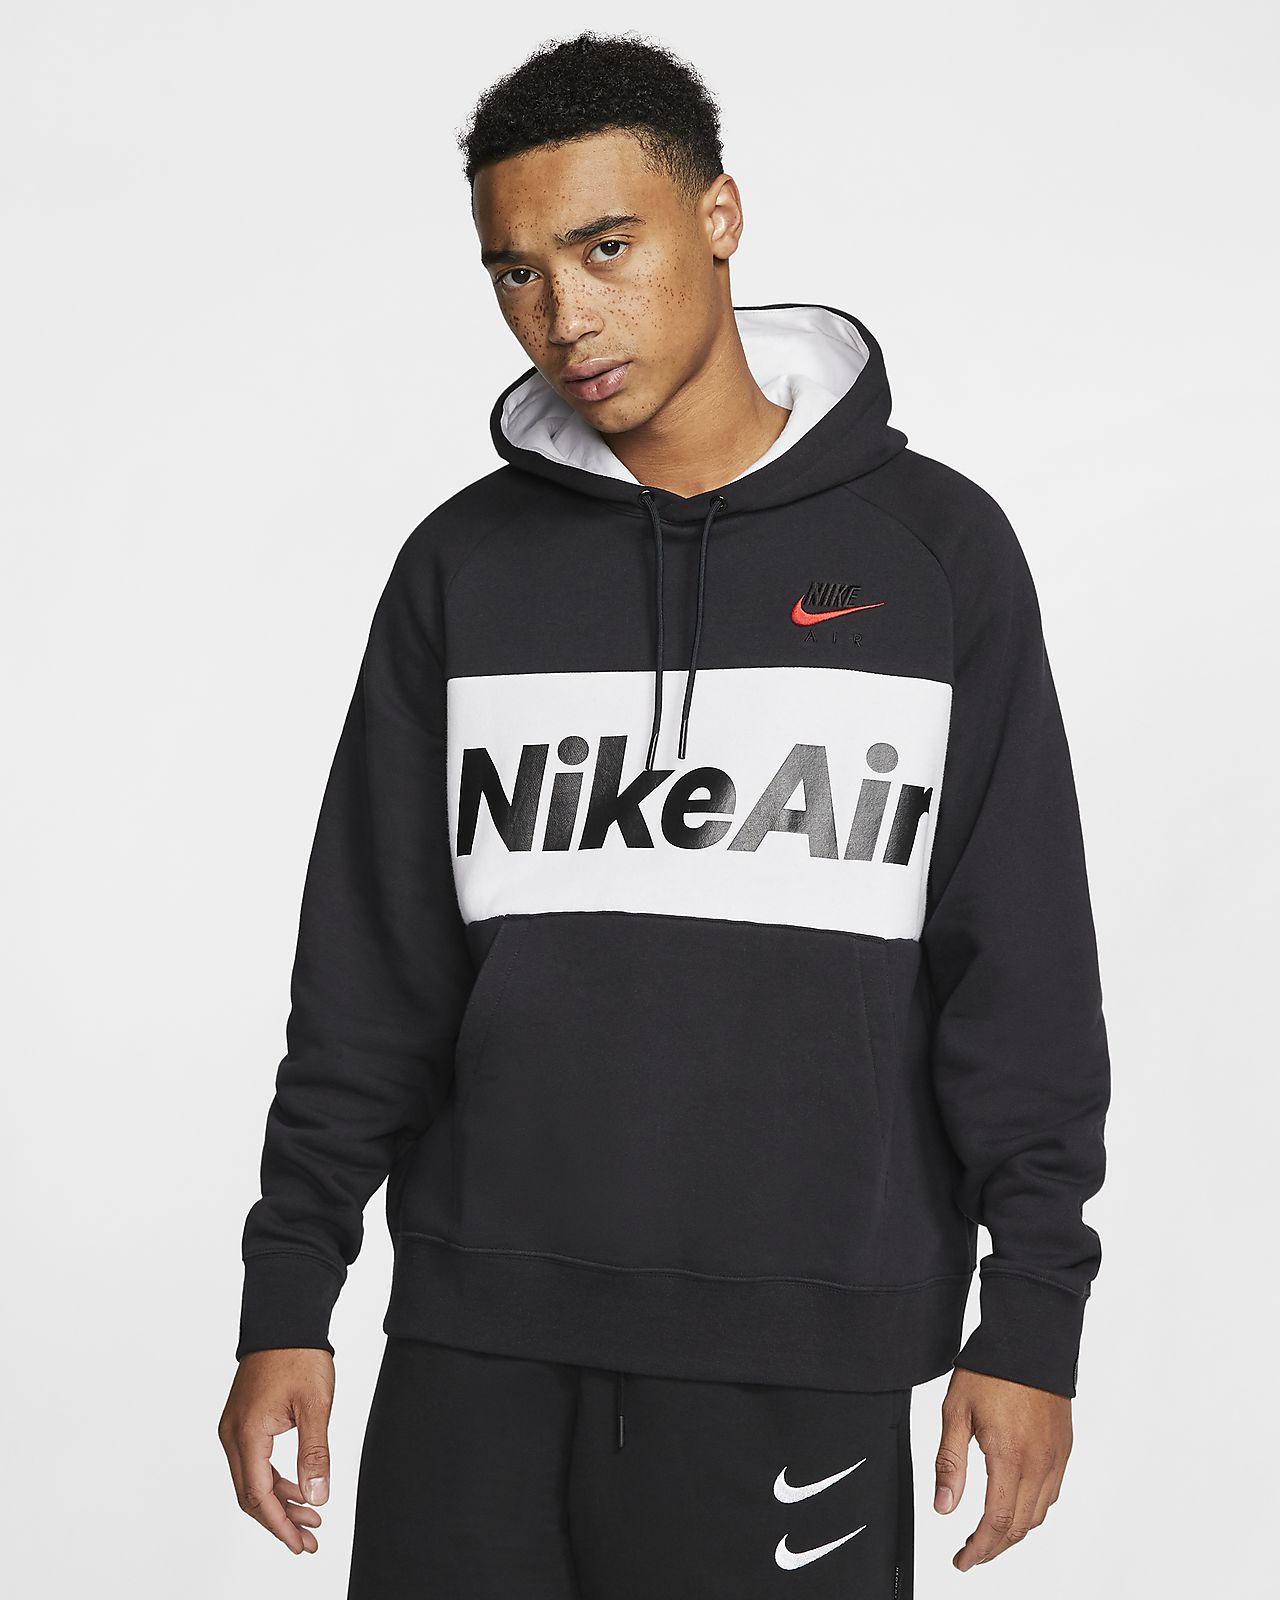 Details about Nike Sportswear Air Fleece Sport Jacket sweatshirt cotton hood